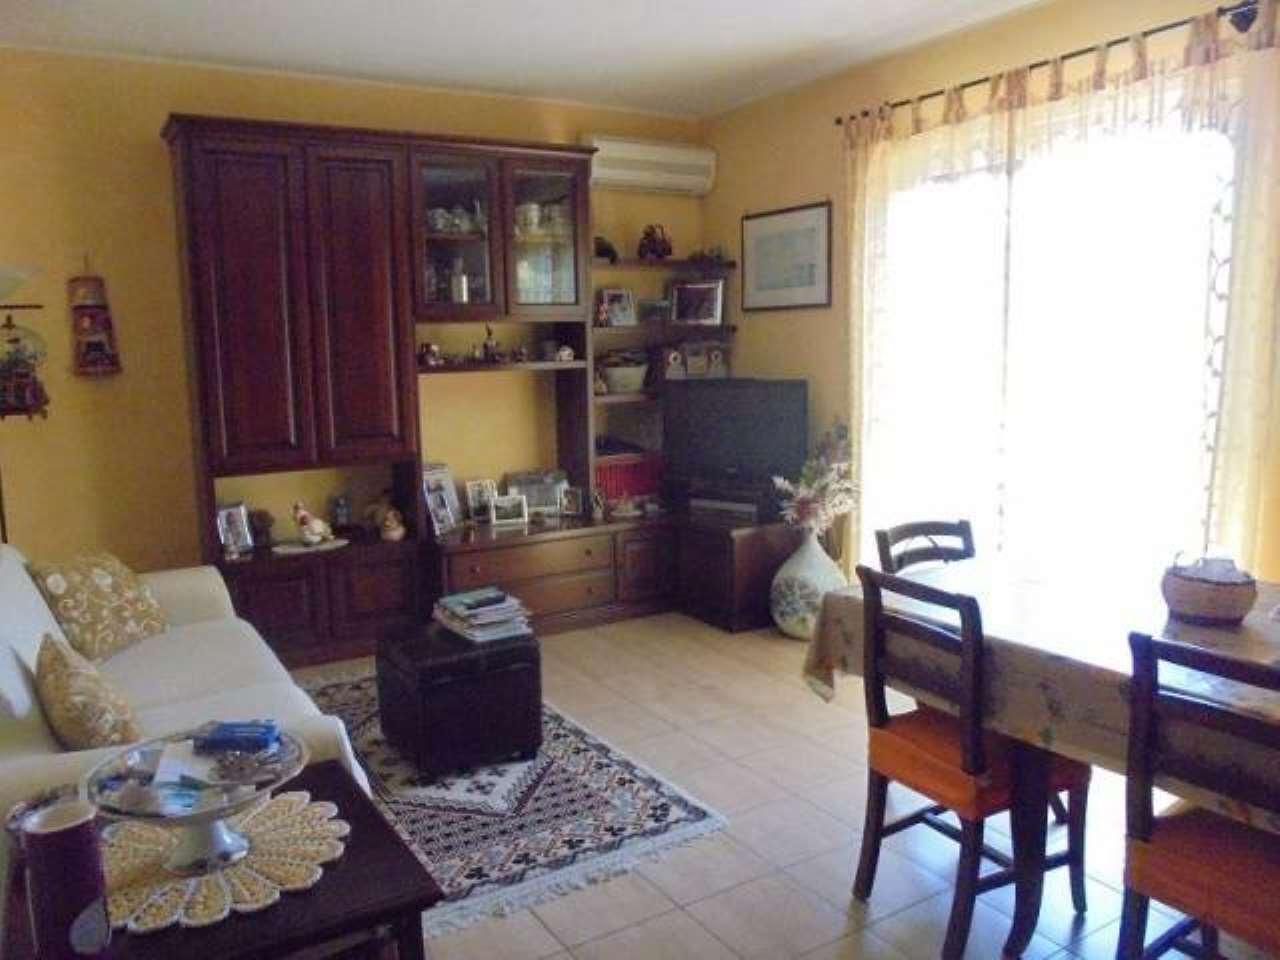 Appartamento in vendita a Castel Gandolfo, 2 locali, prezzo € 158.000 | CambioCasa.it